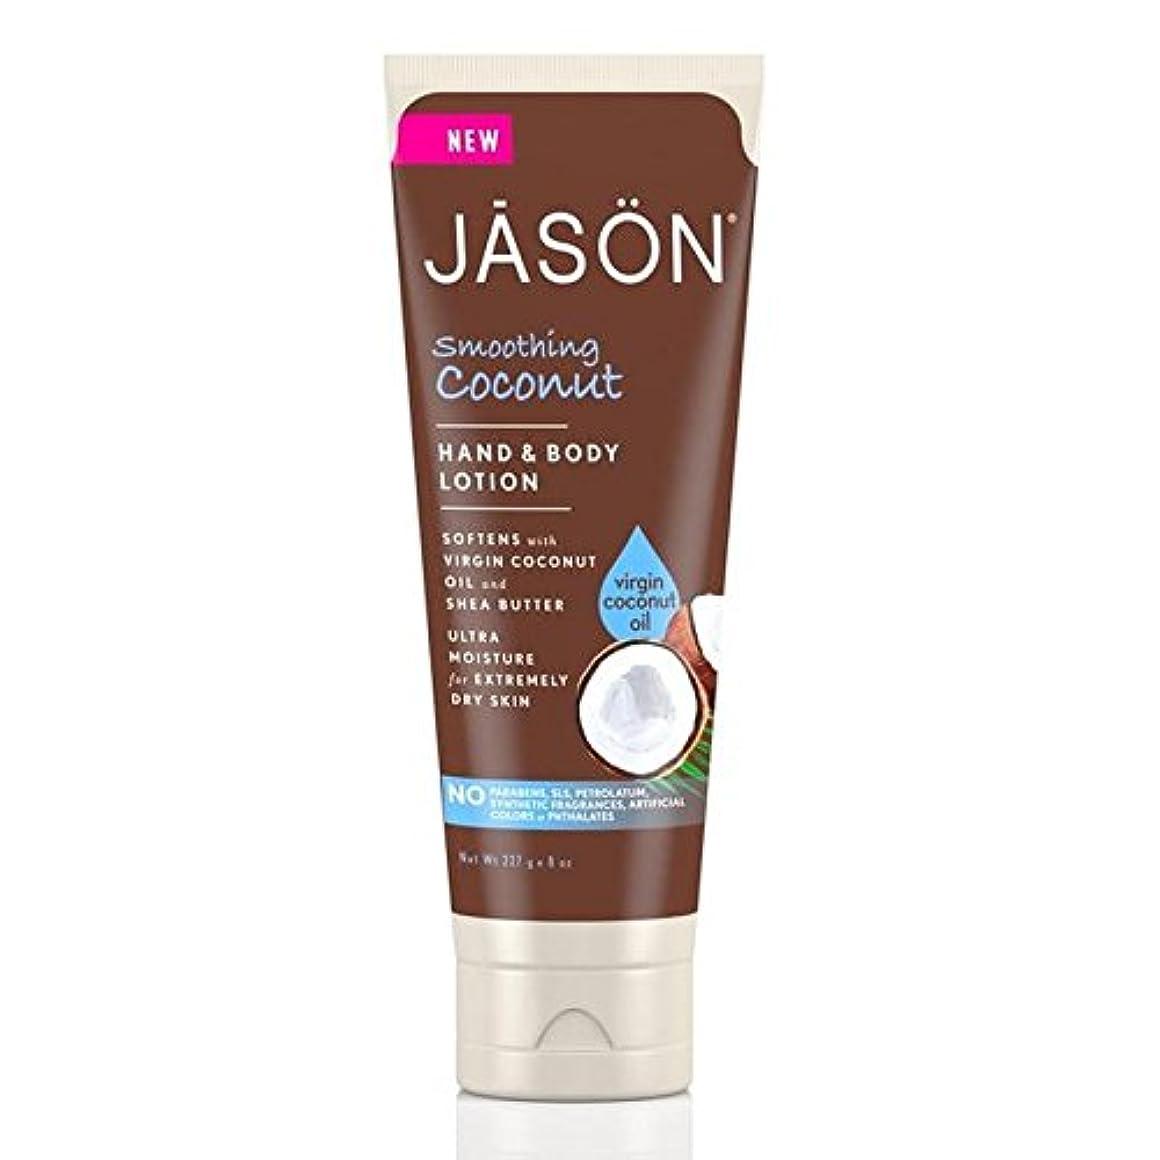 嫌がらせ適用済みファンブルJason Coconut Hand & Body Lotion 227g - ジェイソン?ココナッツハンド&ボディローション227グラム [並行輸入品]